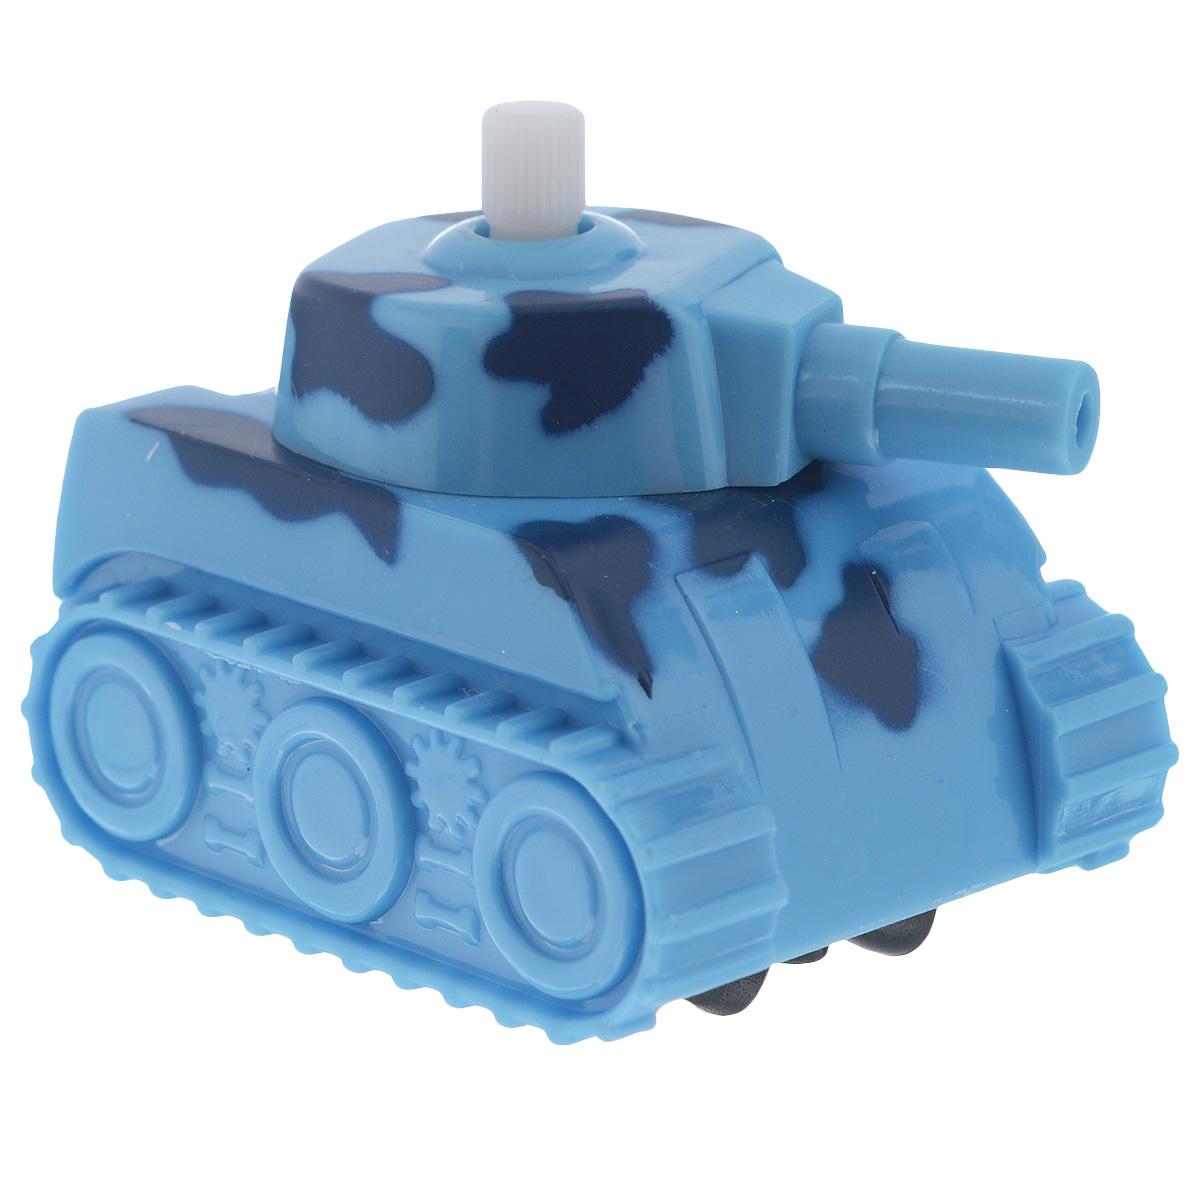 Игрушка заводная Танчик, цвет: голубой2K-06BD_ голубойИгрушка Hans Танчик привлечет внимание вашего малыша и не позволит ему скучать! Выполненная из безопасного пластика, игрушка представляет собой танк. Игрушка имеет механический завод. Для запуска, придерживая колеса, поверните заводной ключ по часовой стрелке до упора. Установите игрушку на поверхность и она поедет вперед. Заводная игрушка Hans Танчик поможет ребенку в развитии воображения, мелкой моторики рук, концентрации внимания и цветового восприятия.